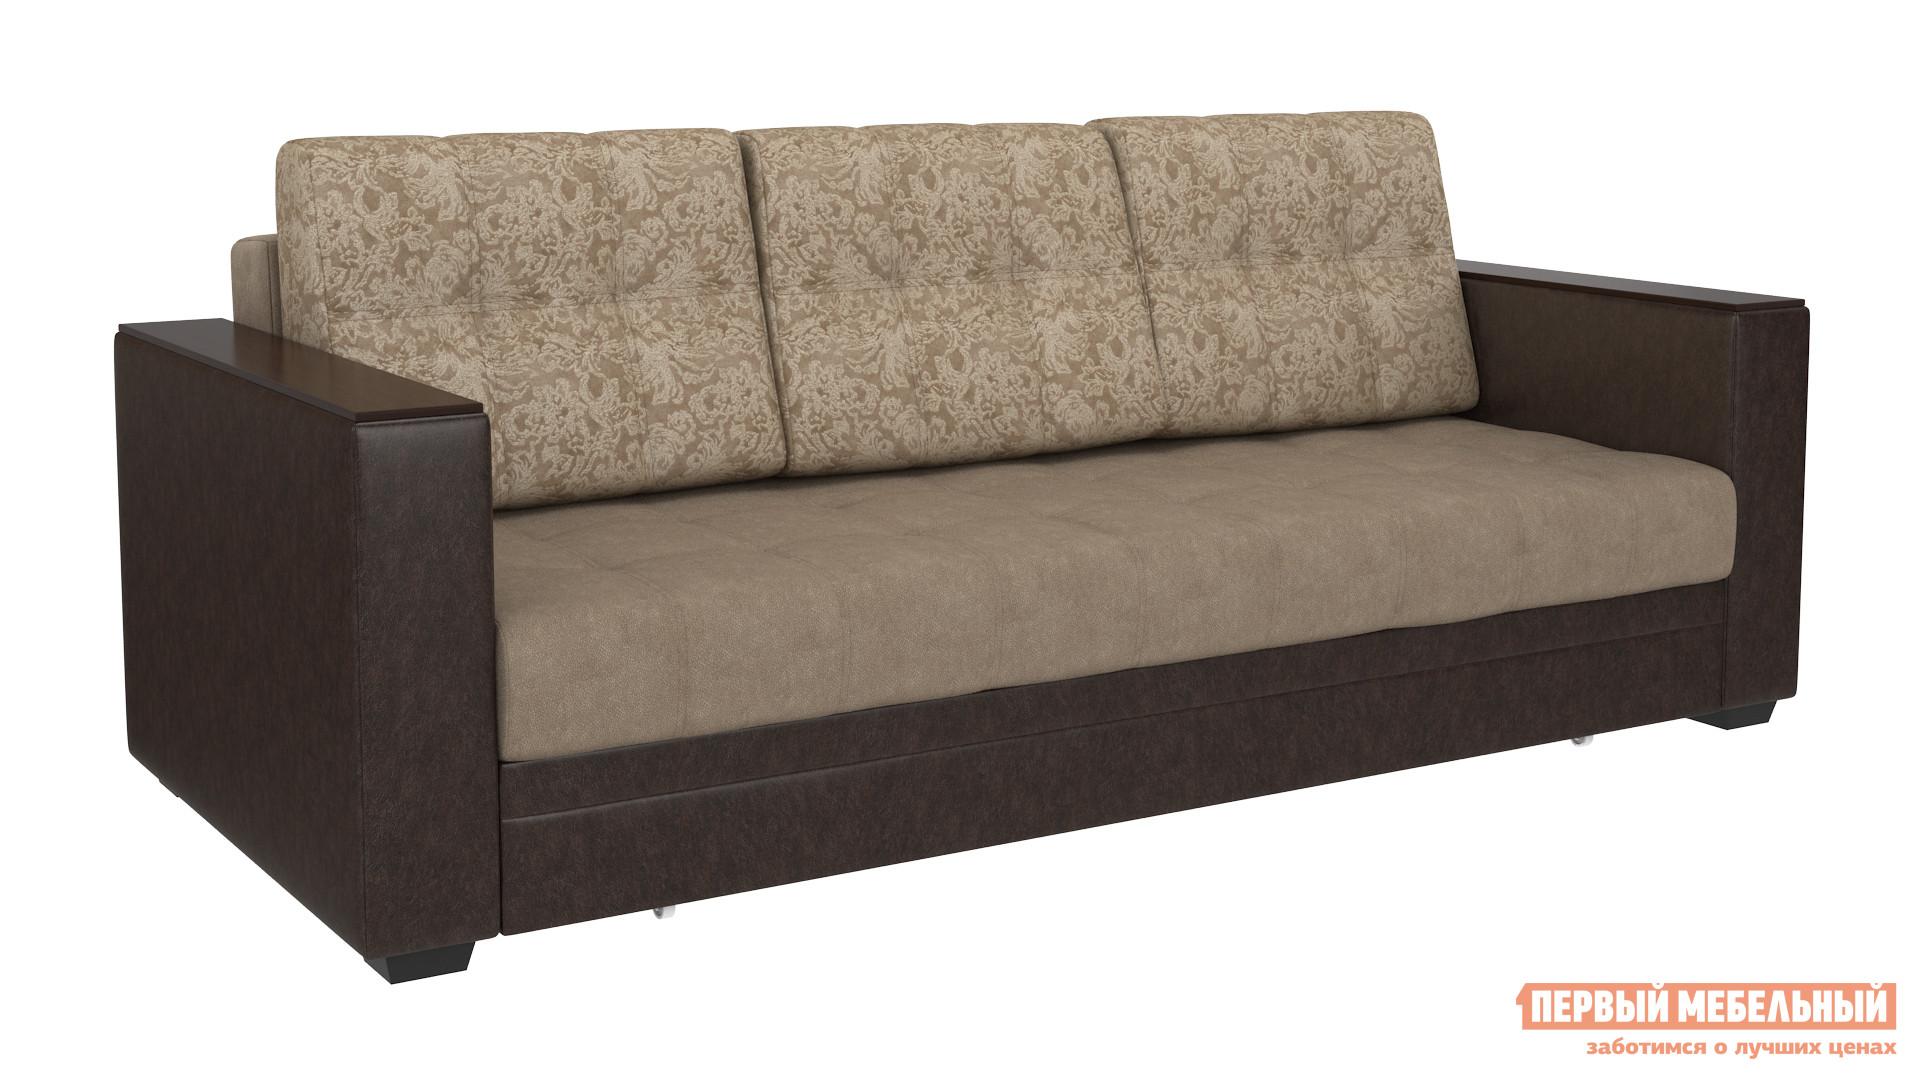 Диван Первый Мебельный Атланта Люкс НПБ угловой диван атланта